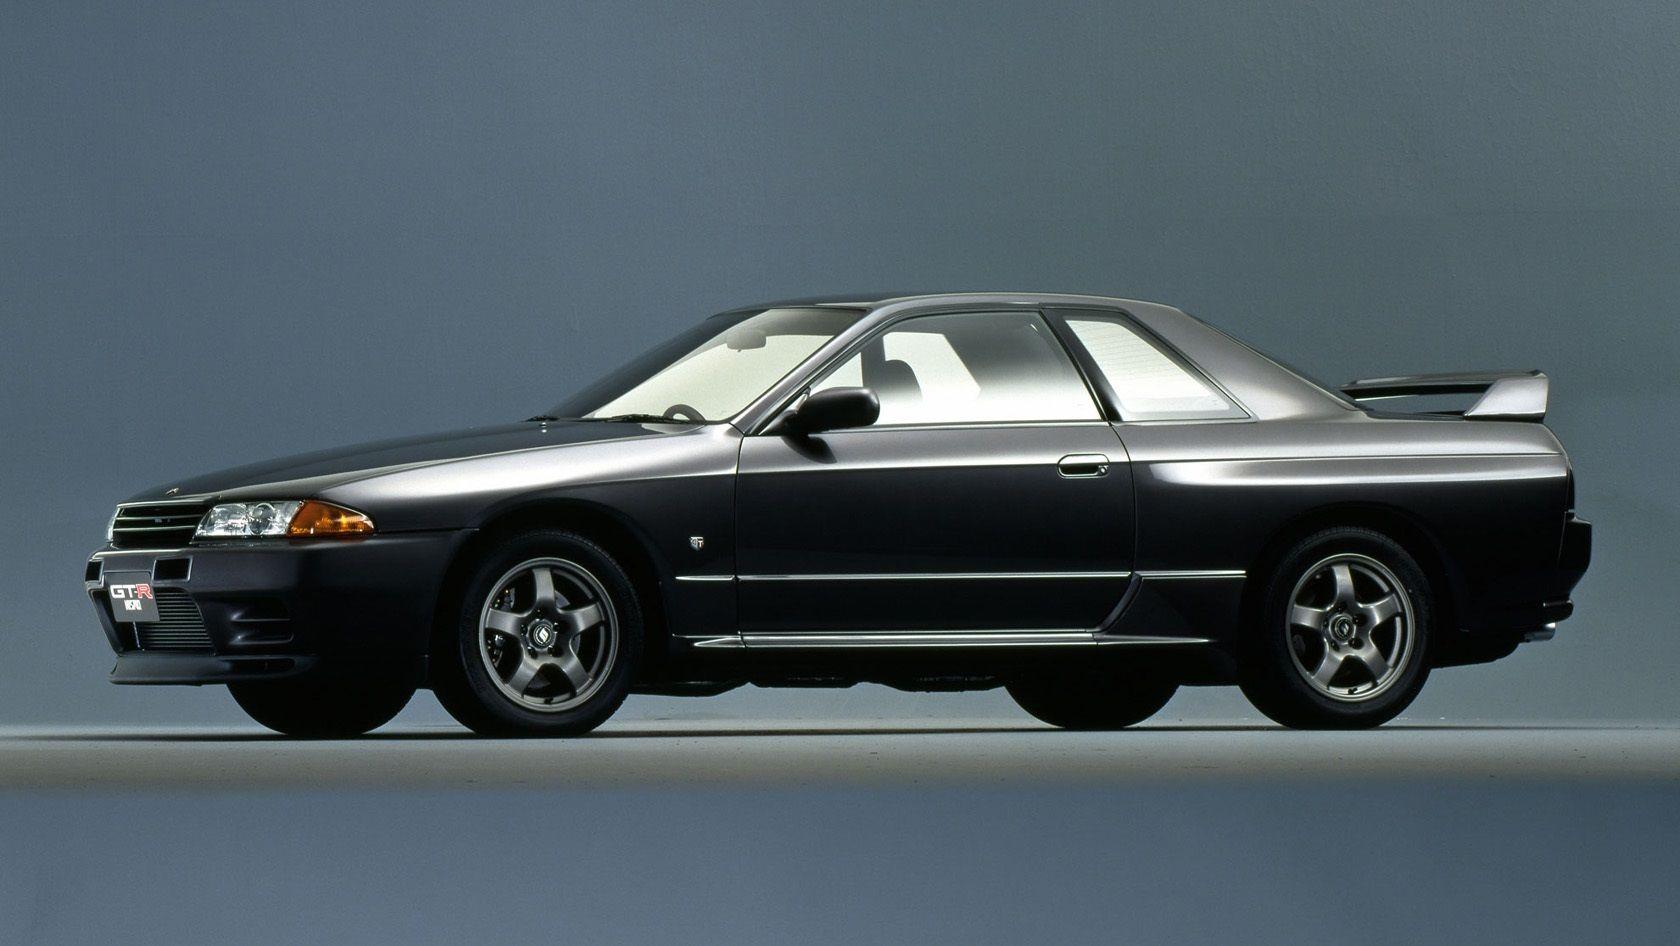 Nissan Skyline GTR R32 Sports Car (1989-1994) The Nissan Skyline GTR ...